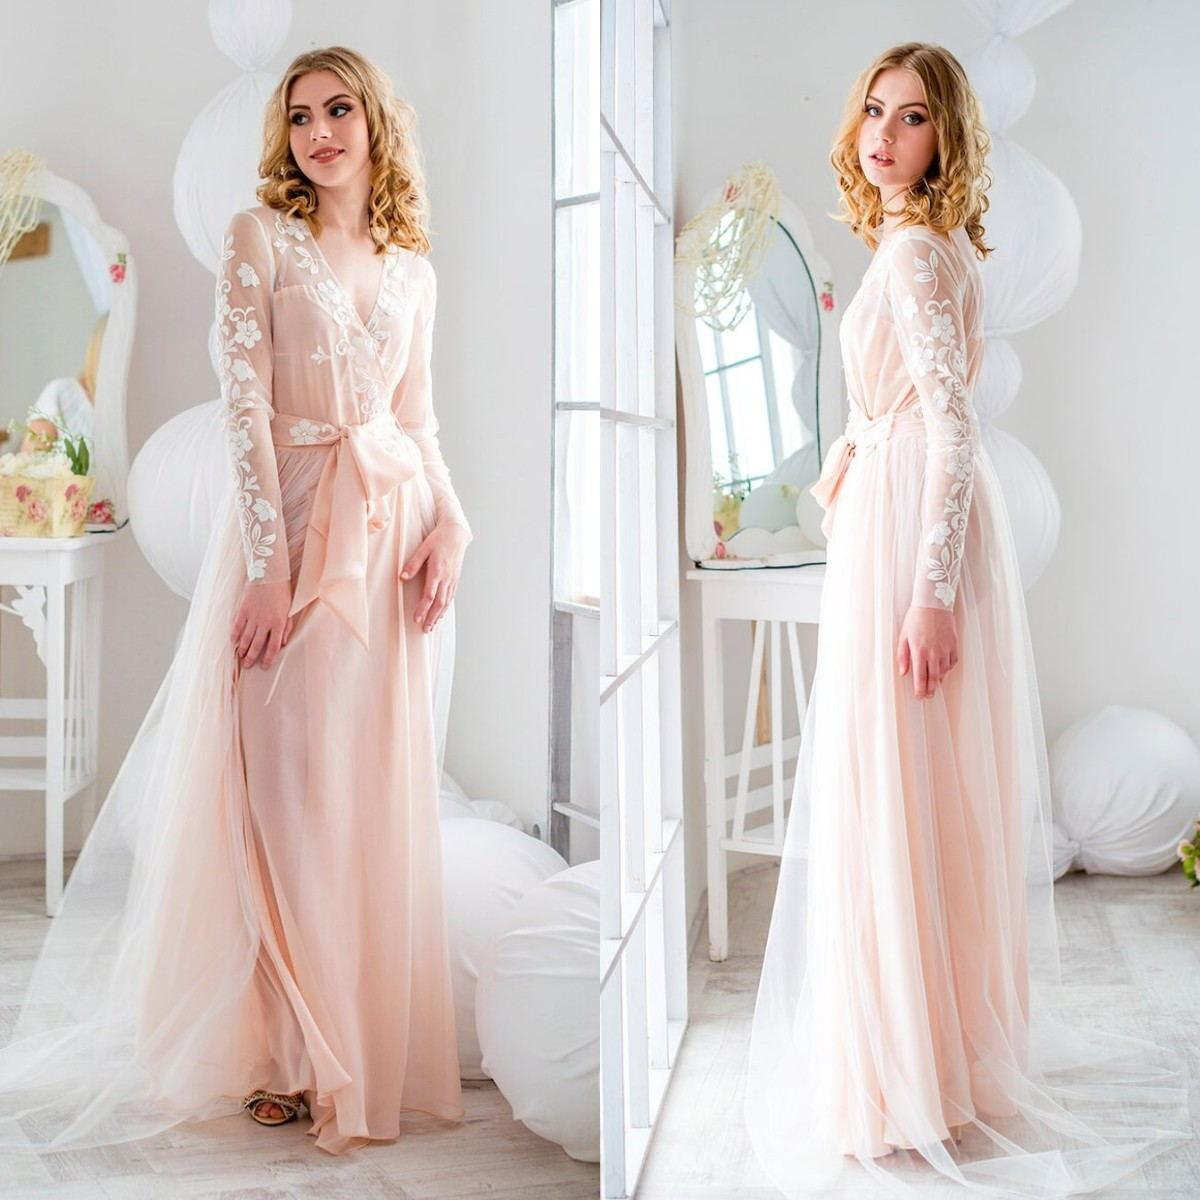 Nuevo elegante Tolla holdada rosa rosa Robas de noche Mujeres Ladies Ilusión Encaje Apliques Sleepwear Bathrobe Sheer Nightgowns